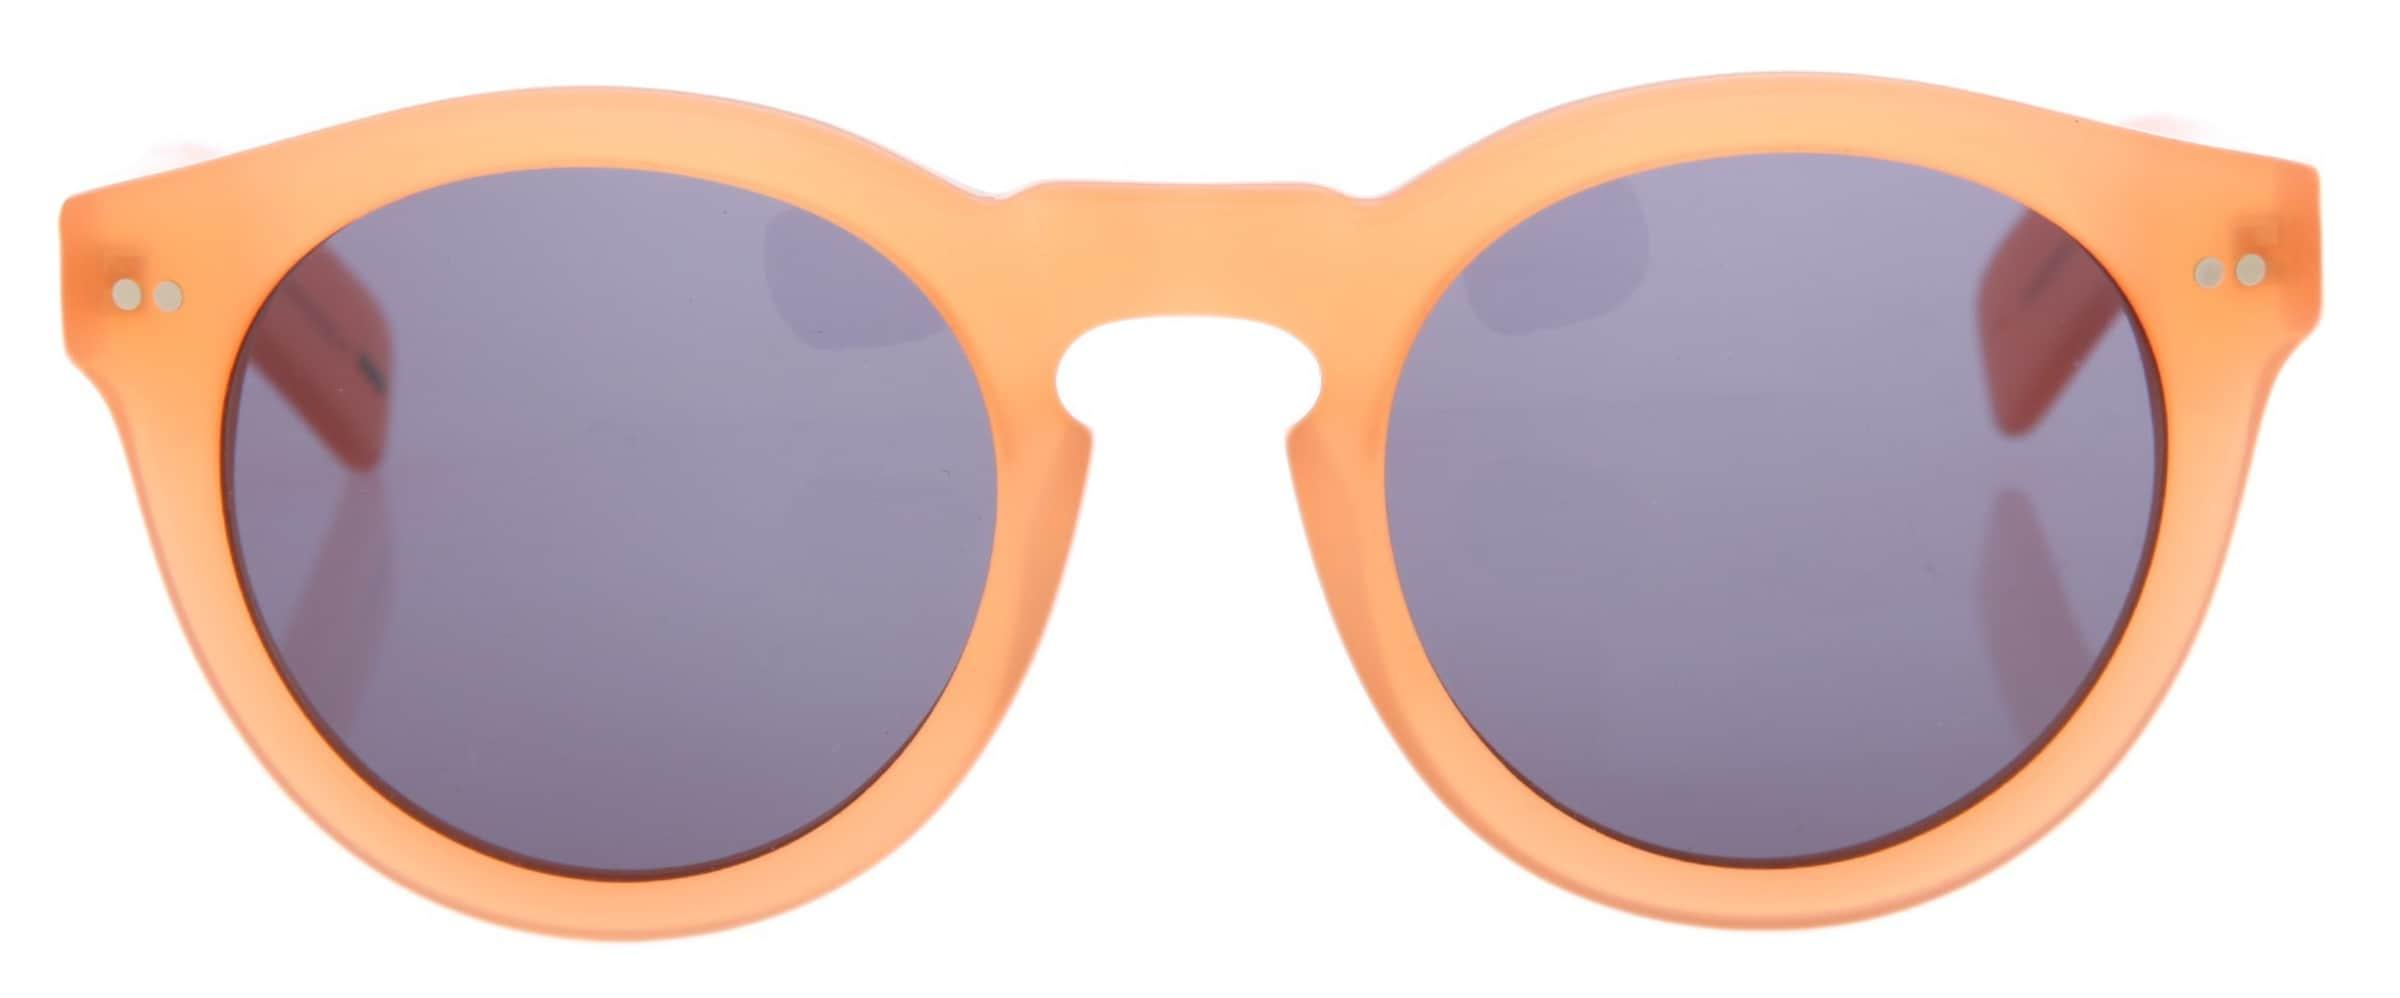 GANT Sonnenbrille GWSNYE-PE-2 Günstig Kaufen 100% Authentisch Spielraum Mode-Stil Spielraum Angebote nV2wLUgumd